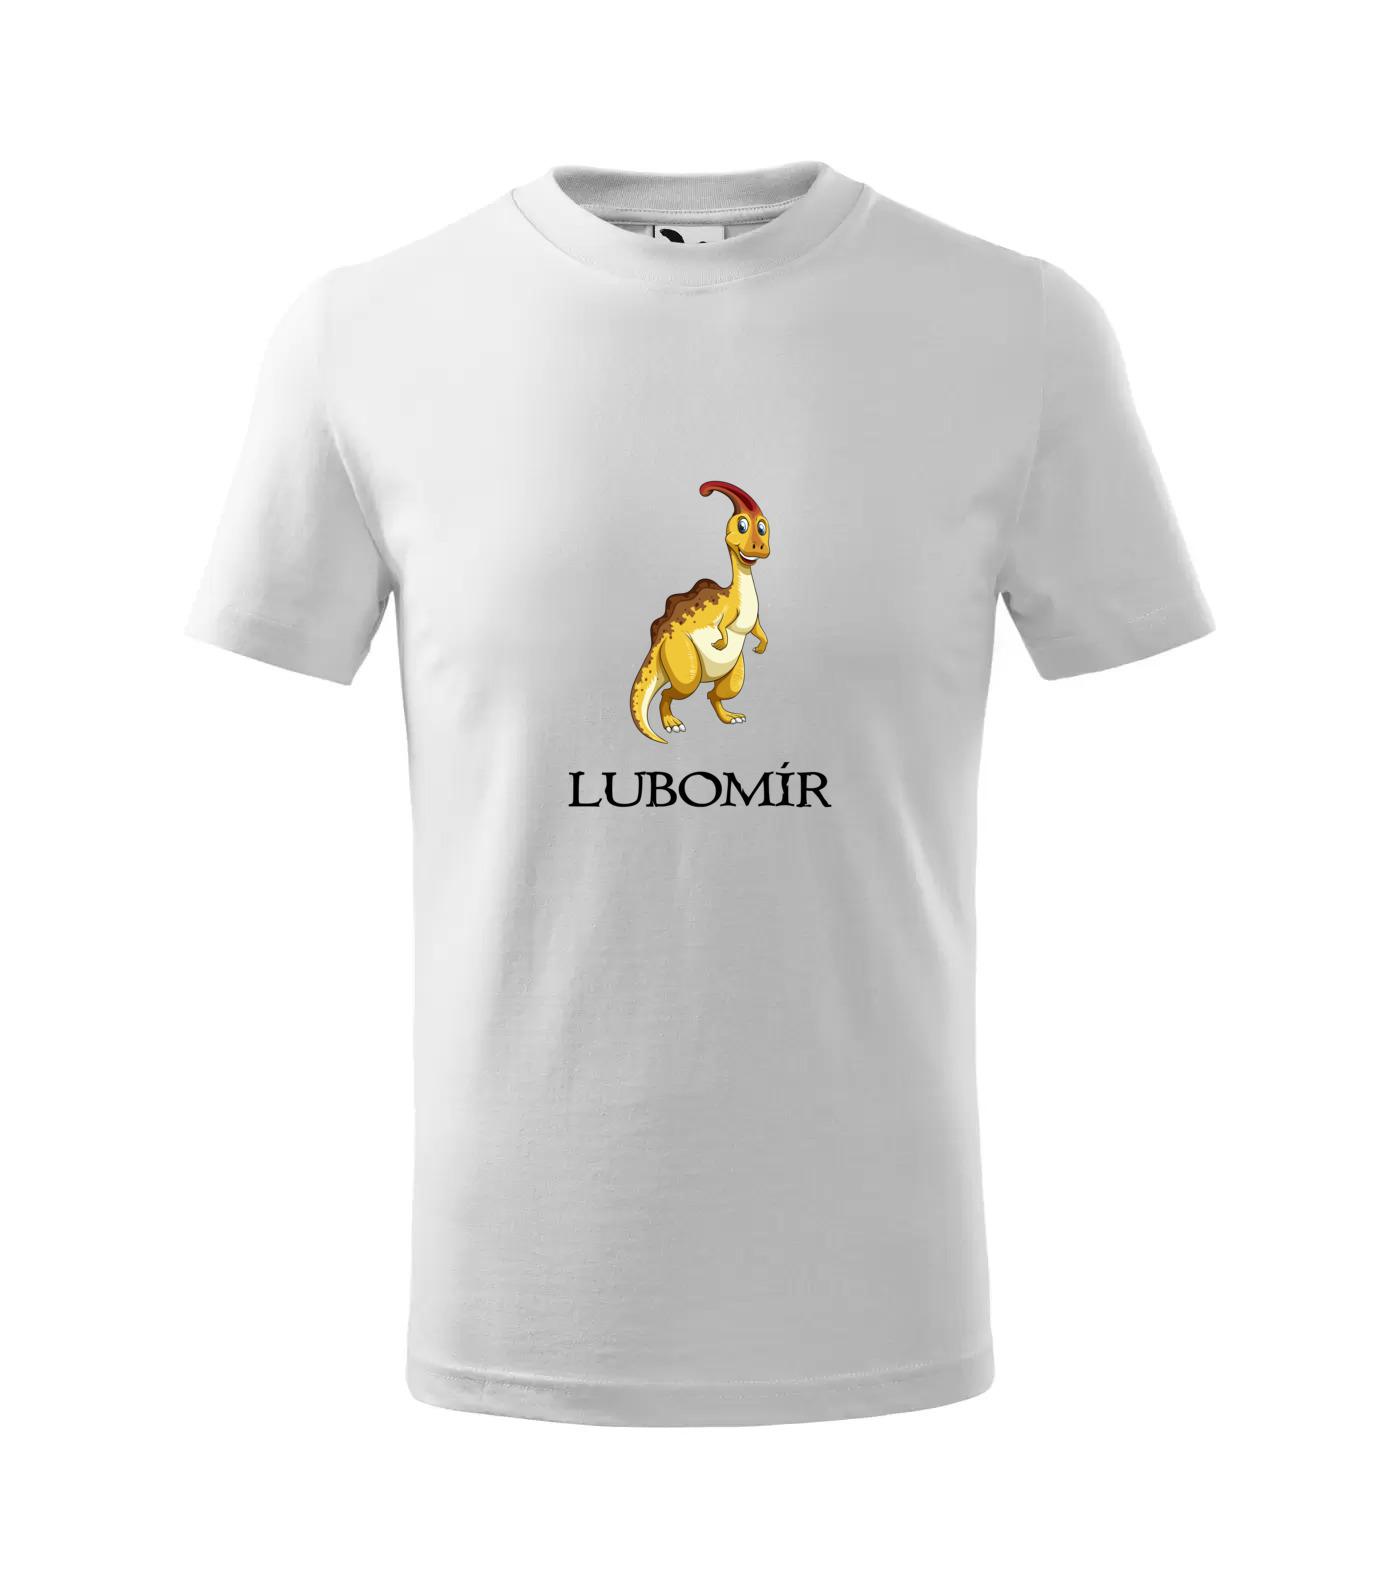 Tričko Dinosaurus Lubomír